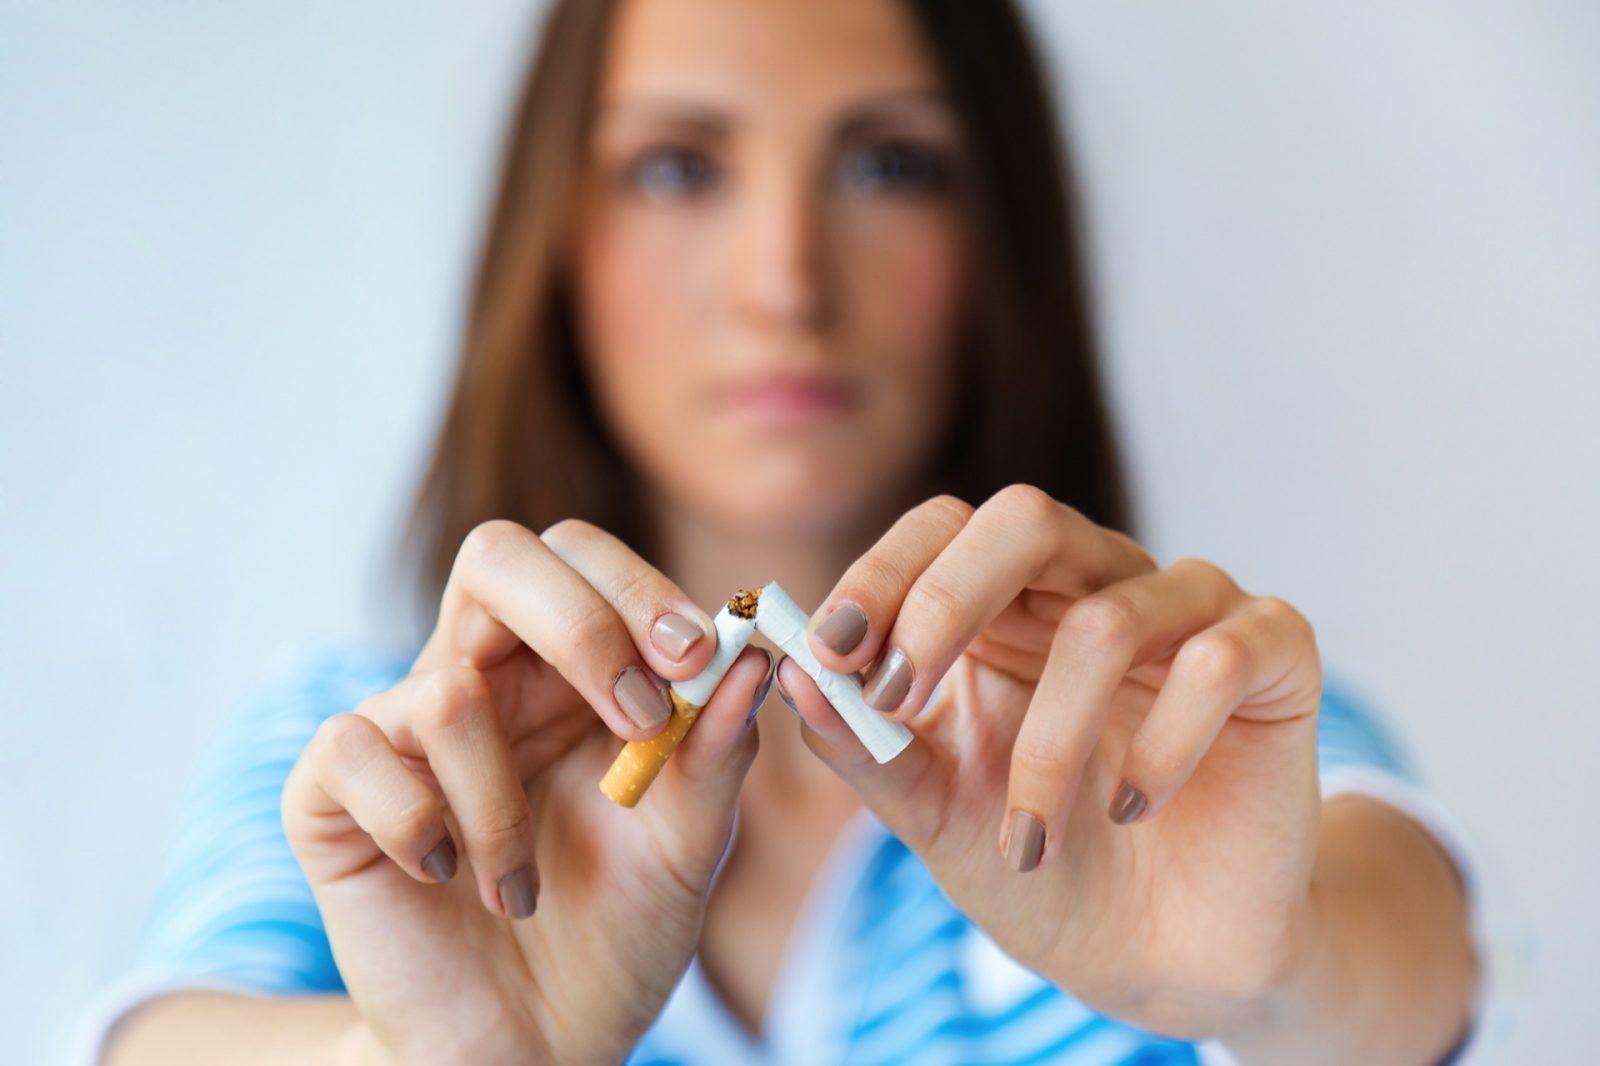 C'est décidé j'arrête de fumer !